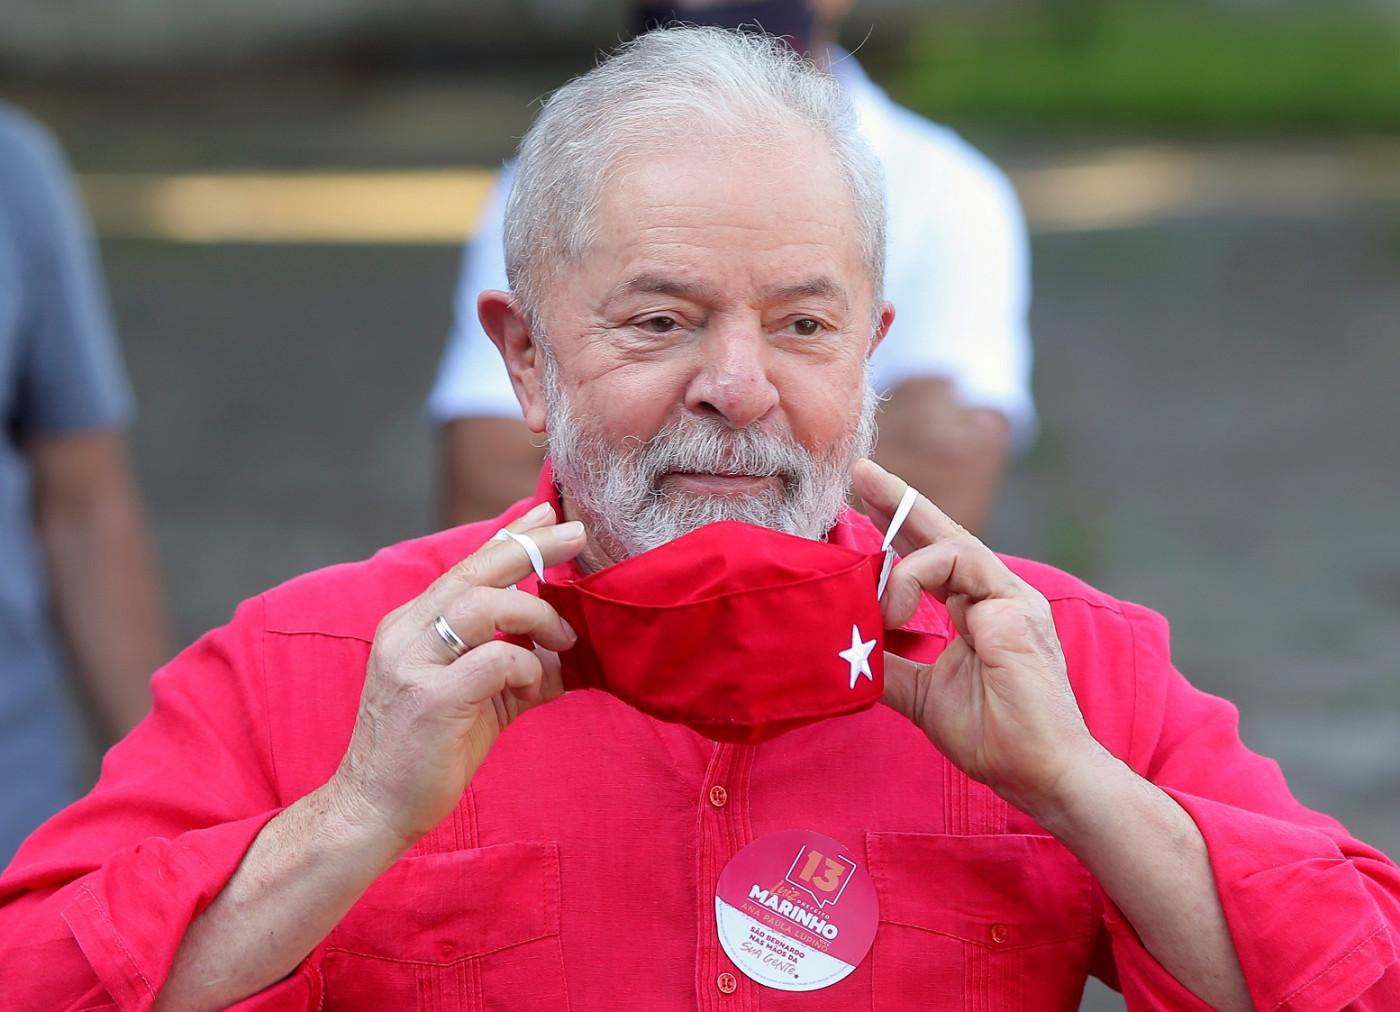 Homem de cabelos brancos, camisa vermelha e máscara vermelha sorrindo